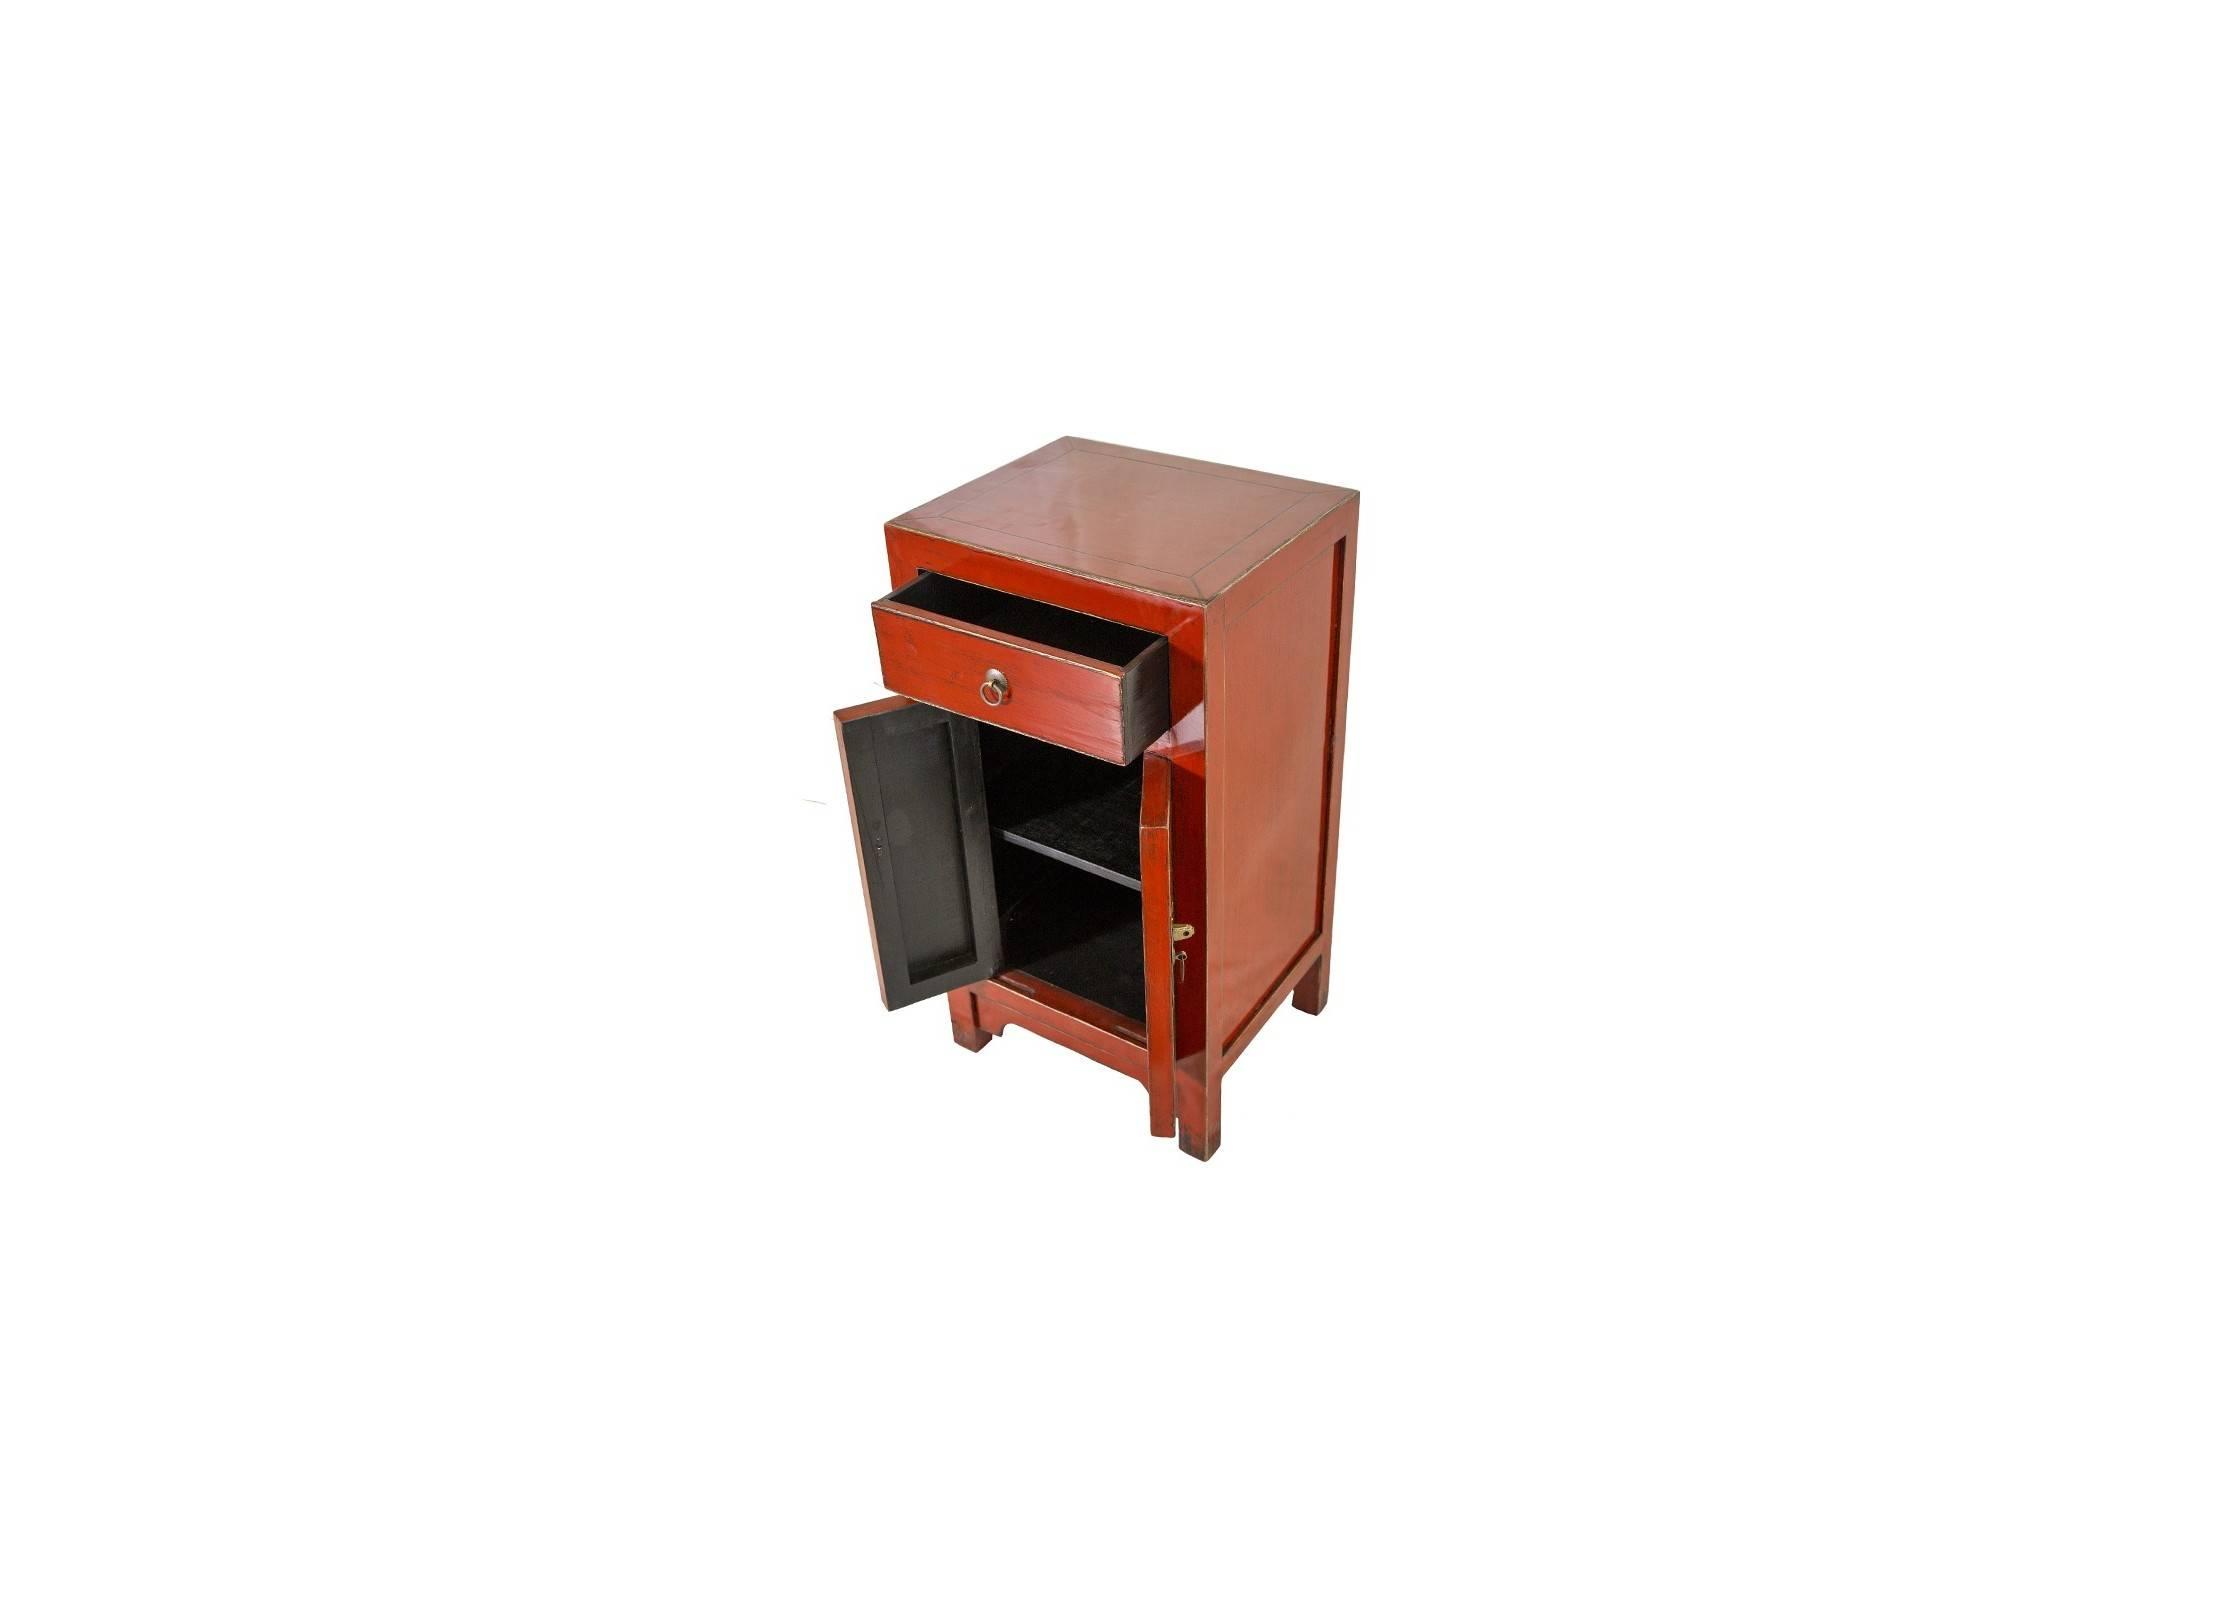 meuble d appoint chevet colbay fu 2 portes et 1 tiroirs bois massif avec finition laqu e. Black Bedroom Furniture Sets. Home Design Ideas